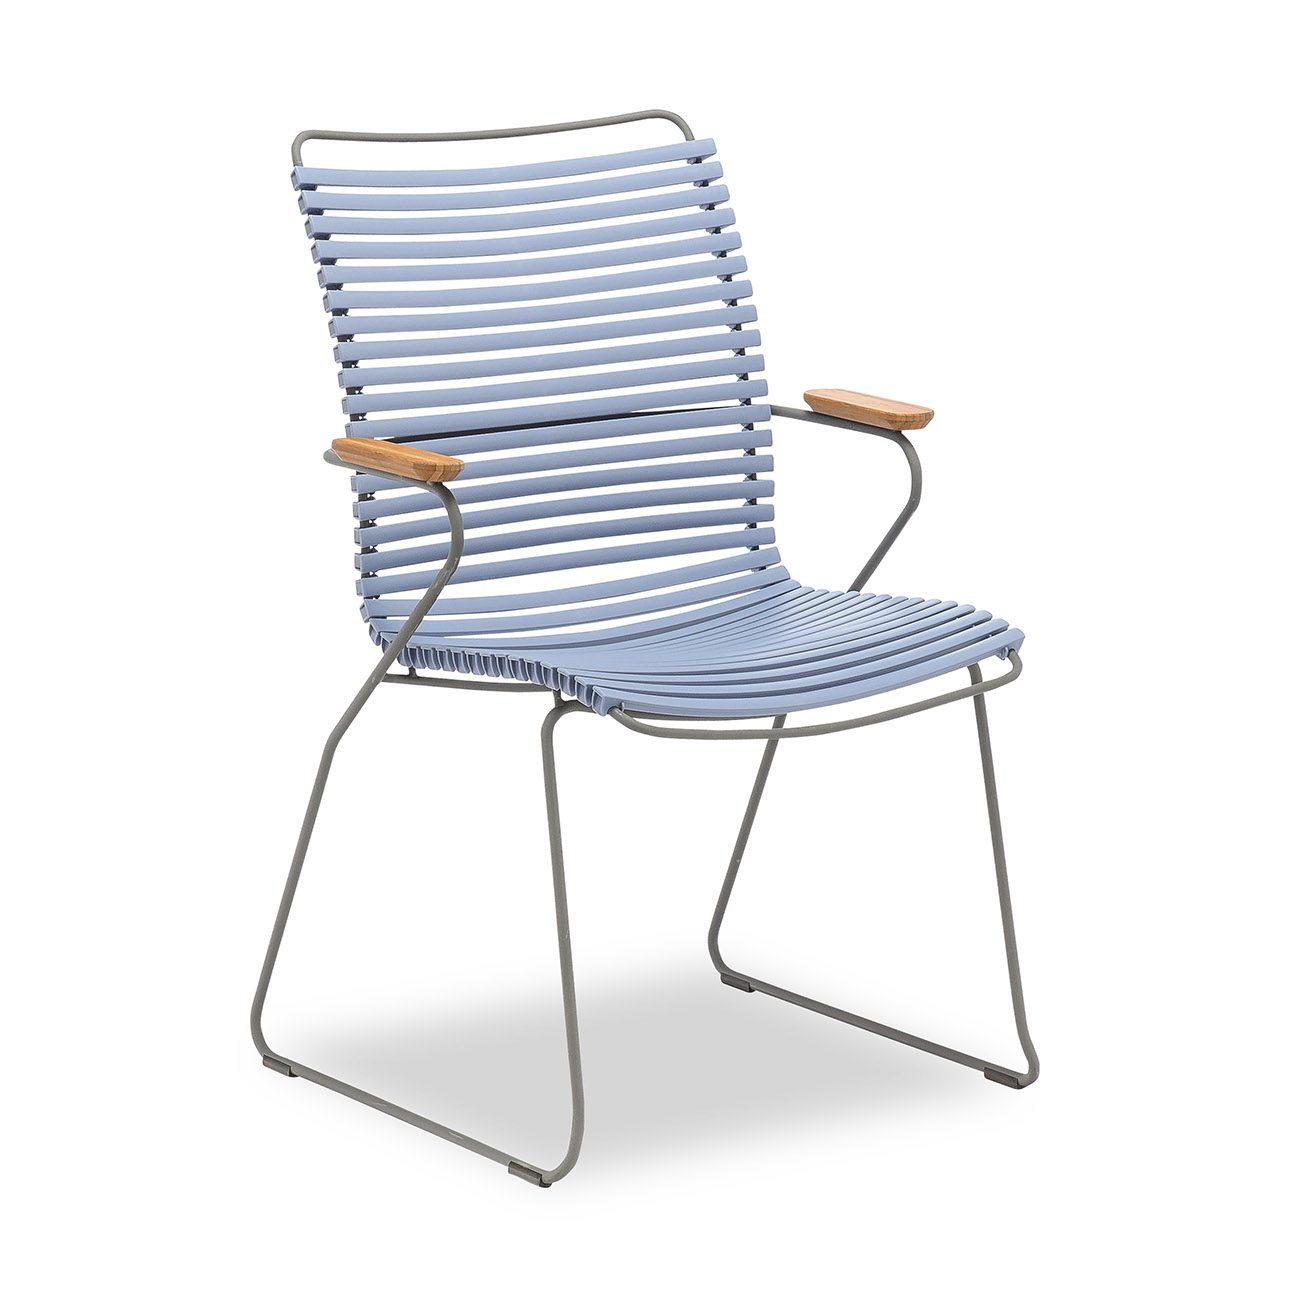 Click karmstol med hög rygg från Houe i färgen duvblå.